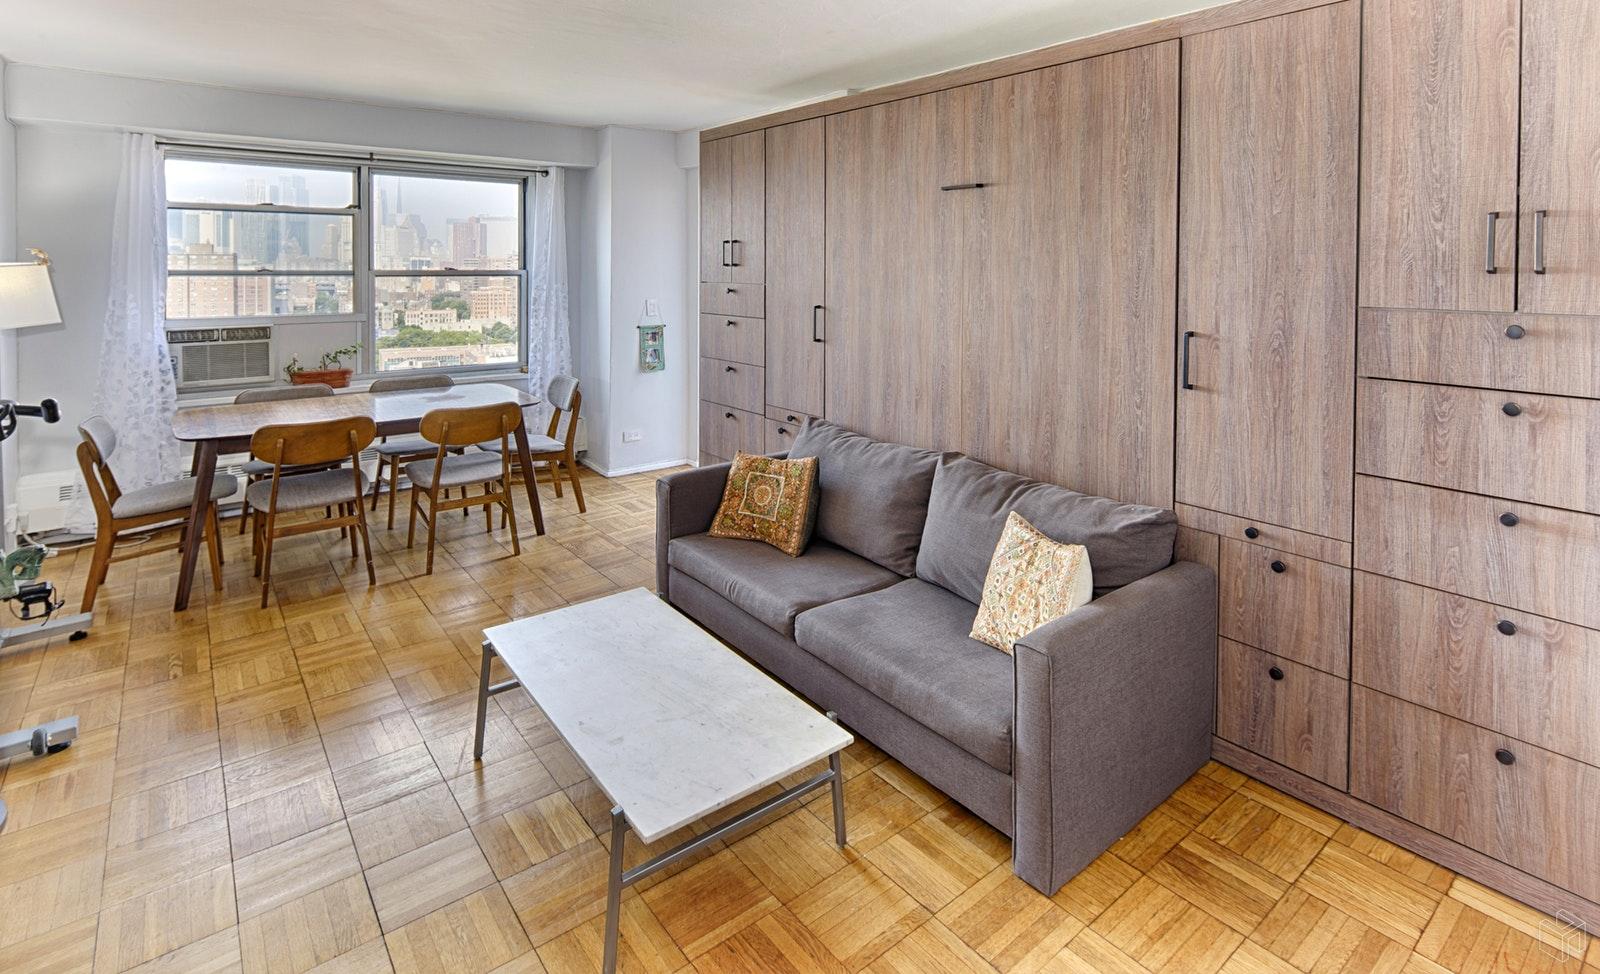 570 GRAND STREET, Lower East Side, $729,000, Web #: 18717514